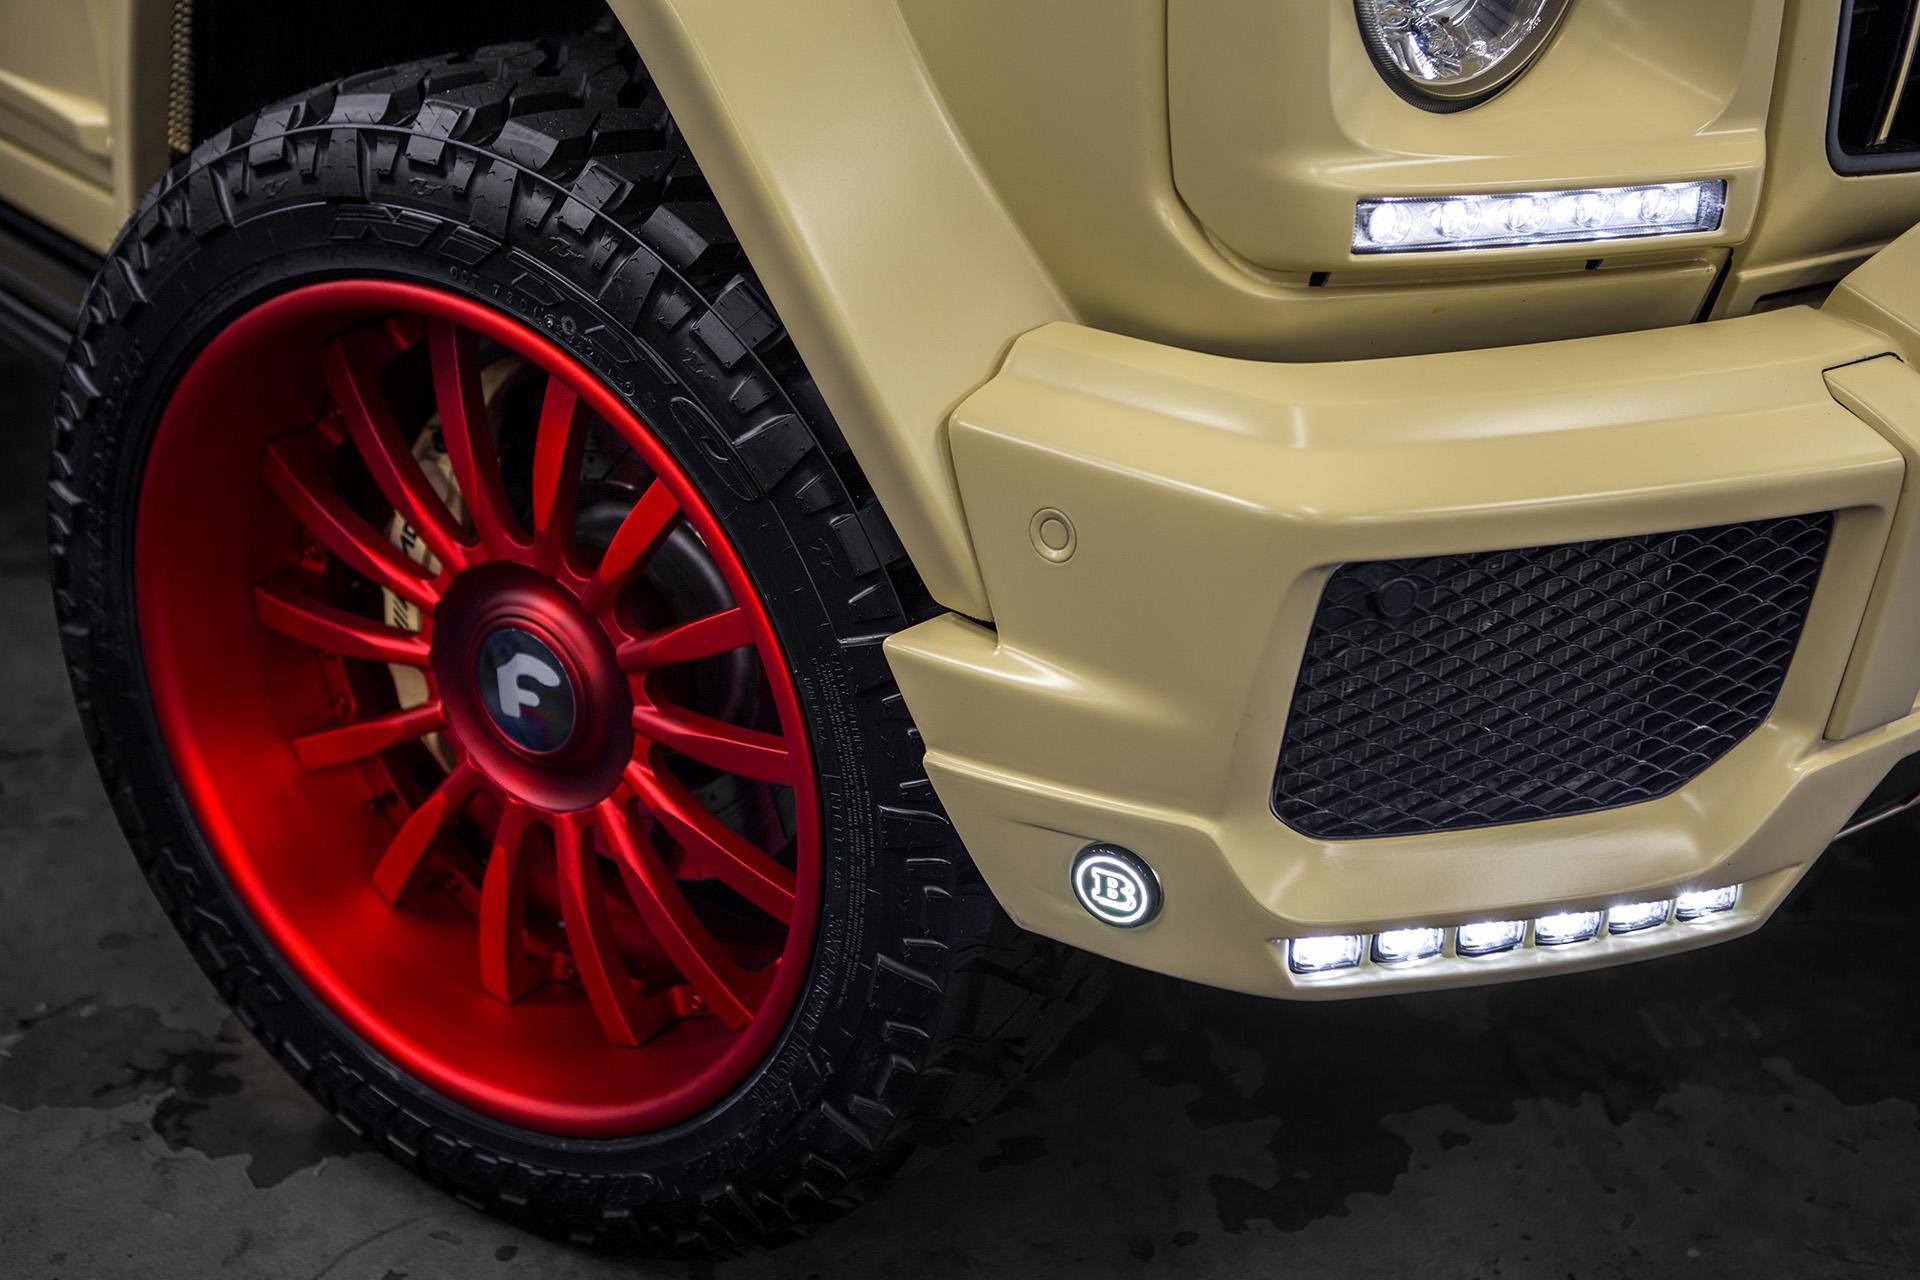 Widebody Brabus 2019 Mercedes-Benz G550 on Forgiato Wheels